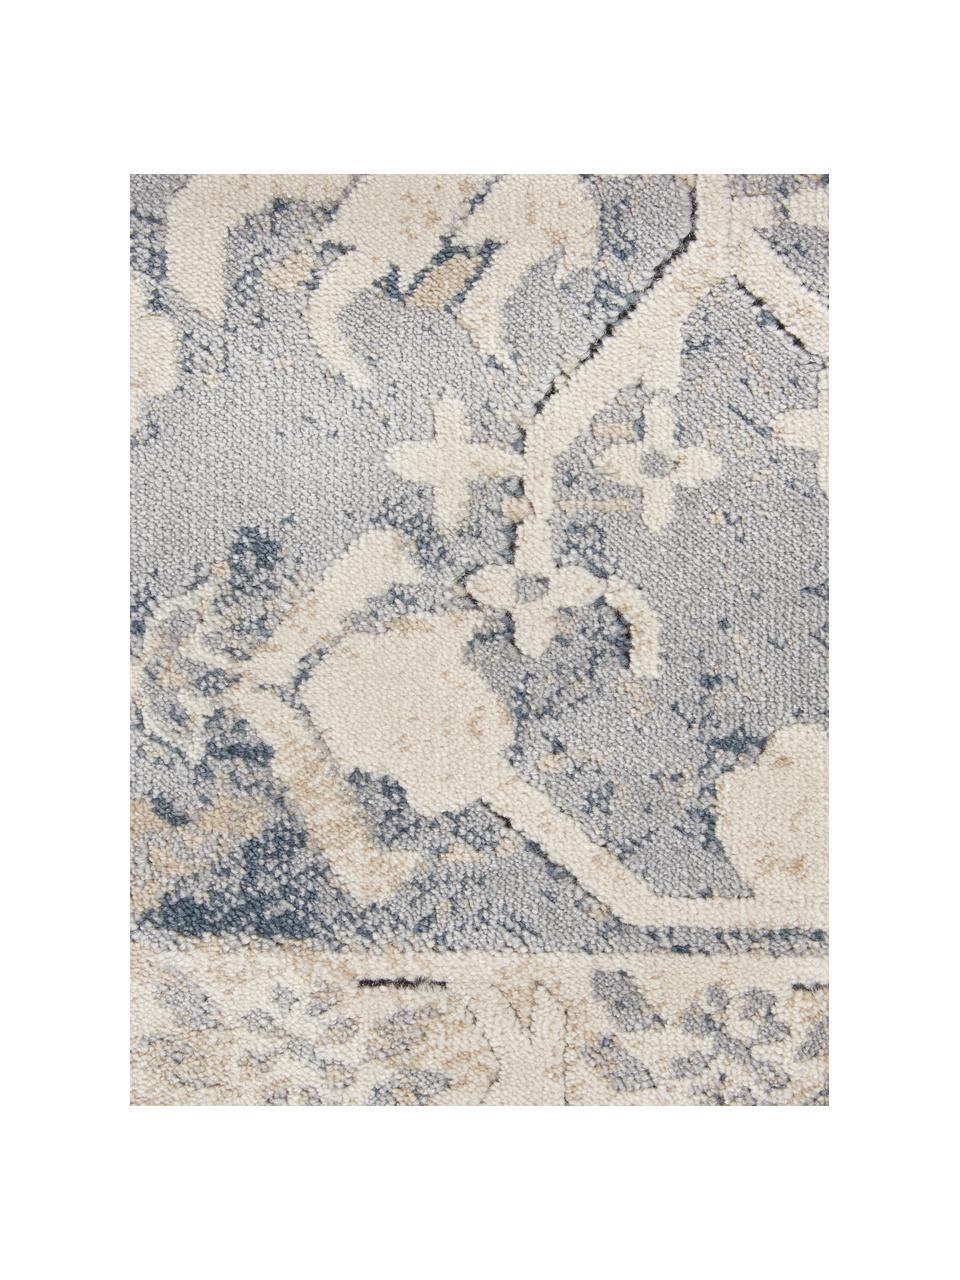 Vintage vloerkleed Malta in blauw-beige, 90% polypropyleen, 10% chenille, Ivoorkleurig, blauwtinten, B 240 x L 330 cm (maat L)